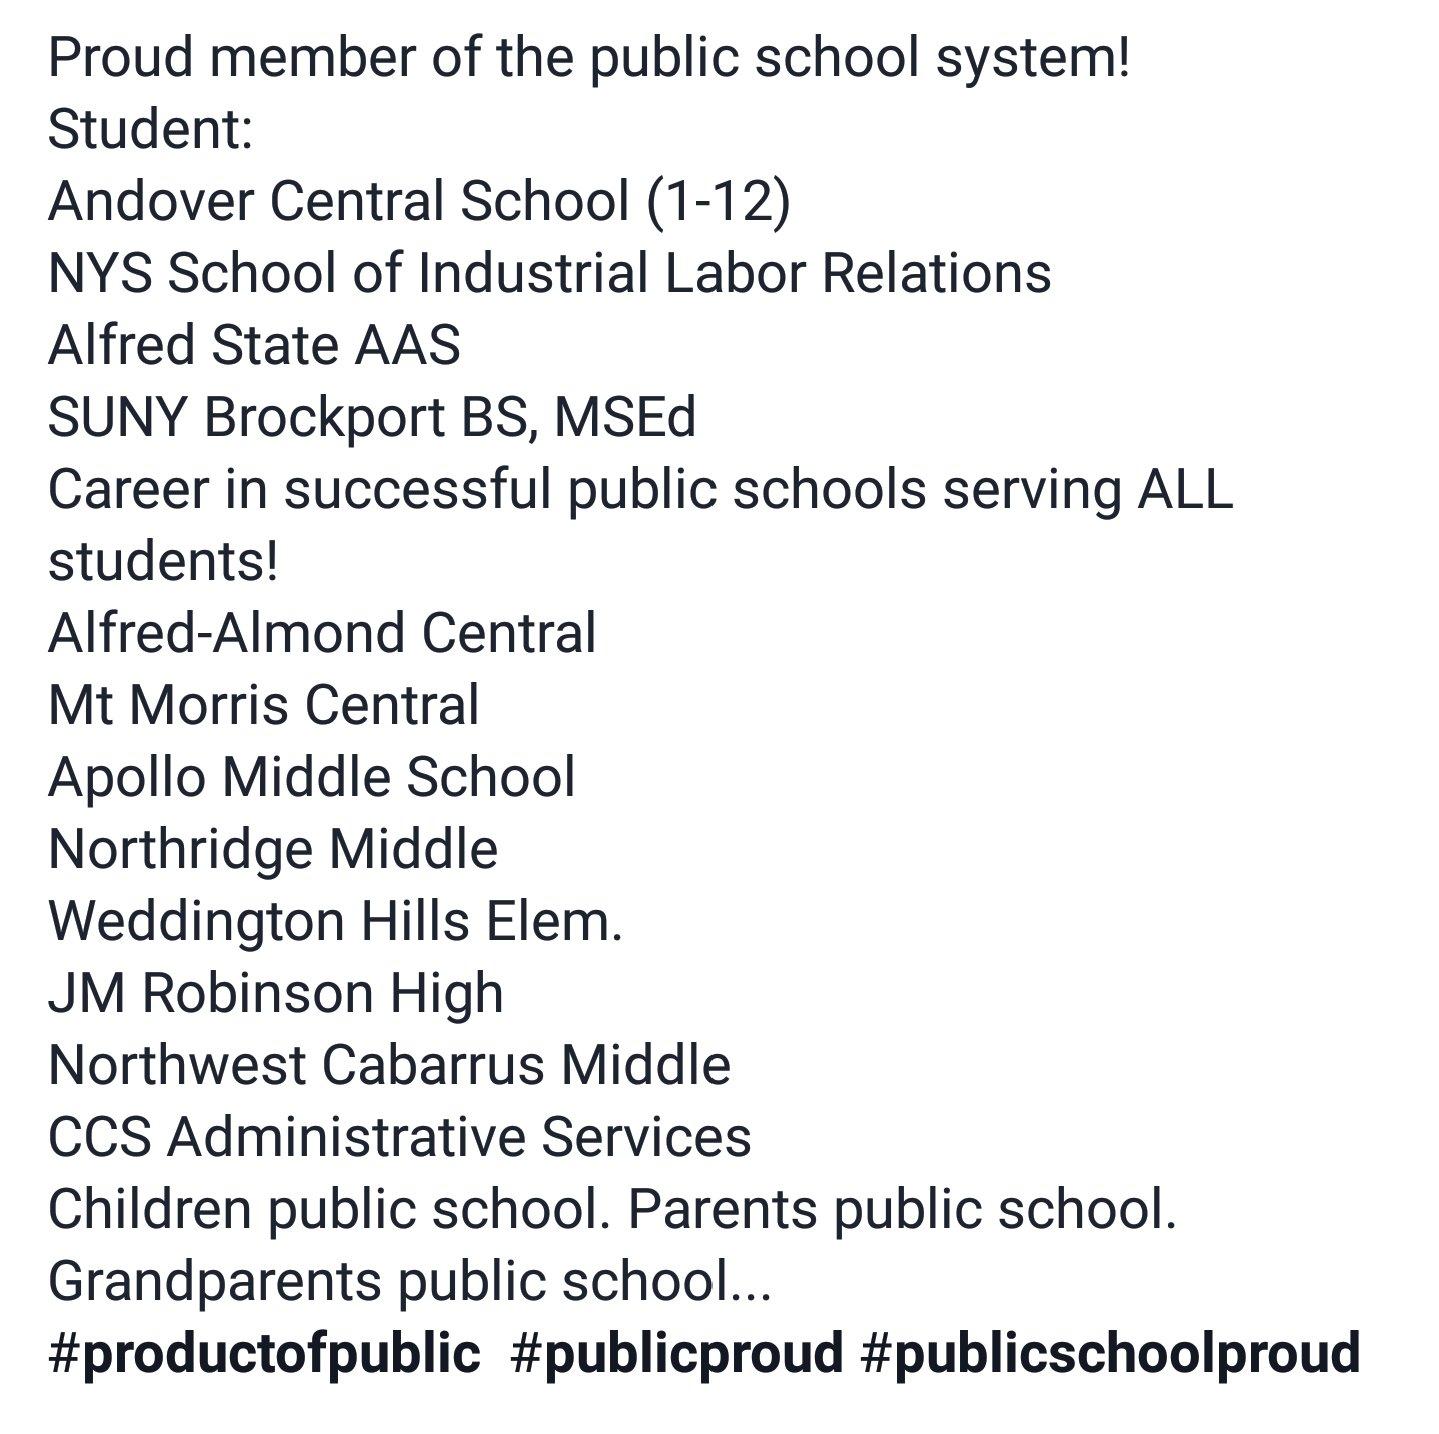 Proud of our public schools! #PublicschoolProud #publicproud #productofpublic https://t.co/aGp6EtFTaR